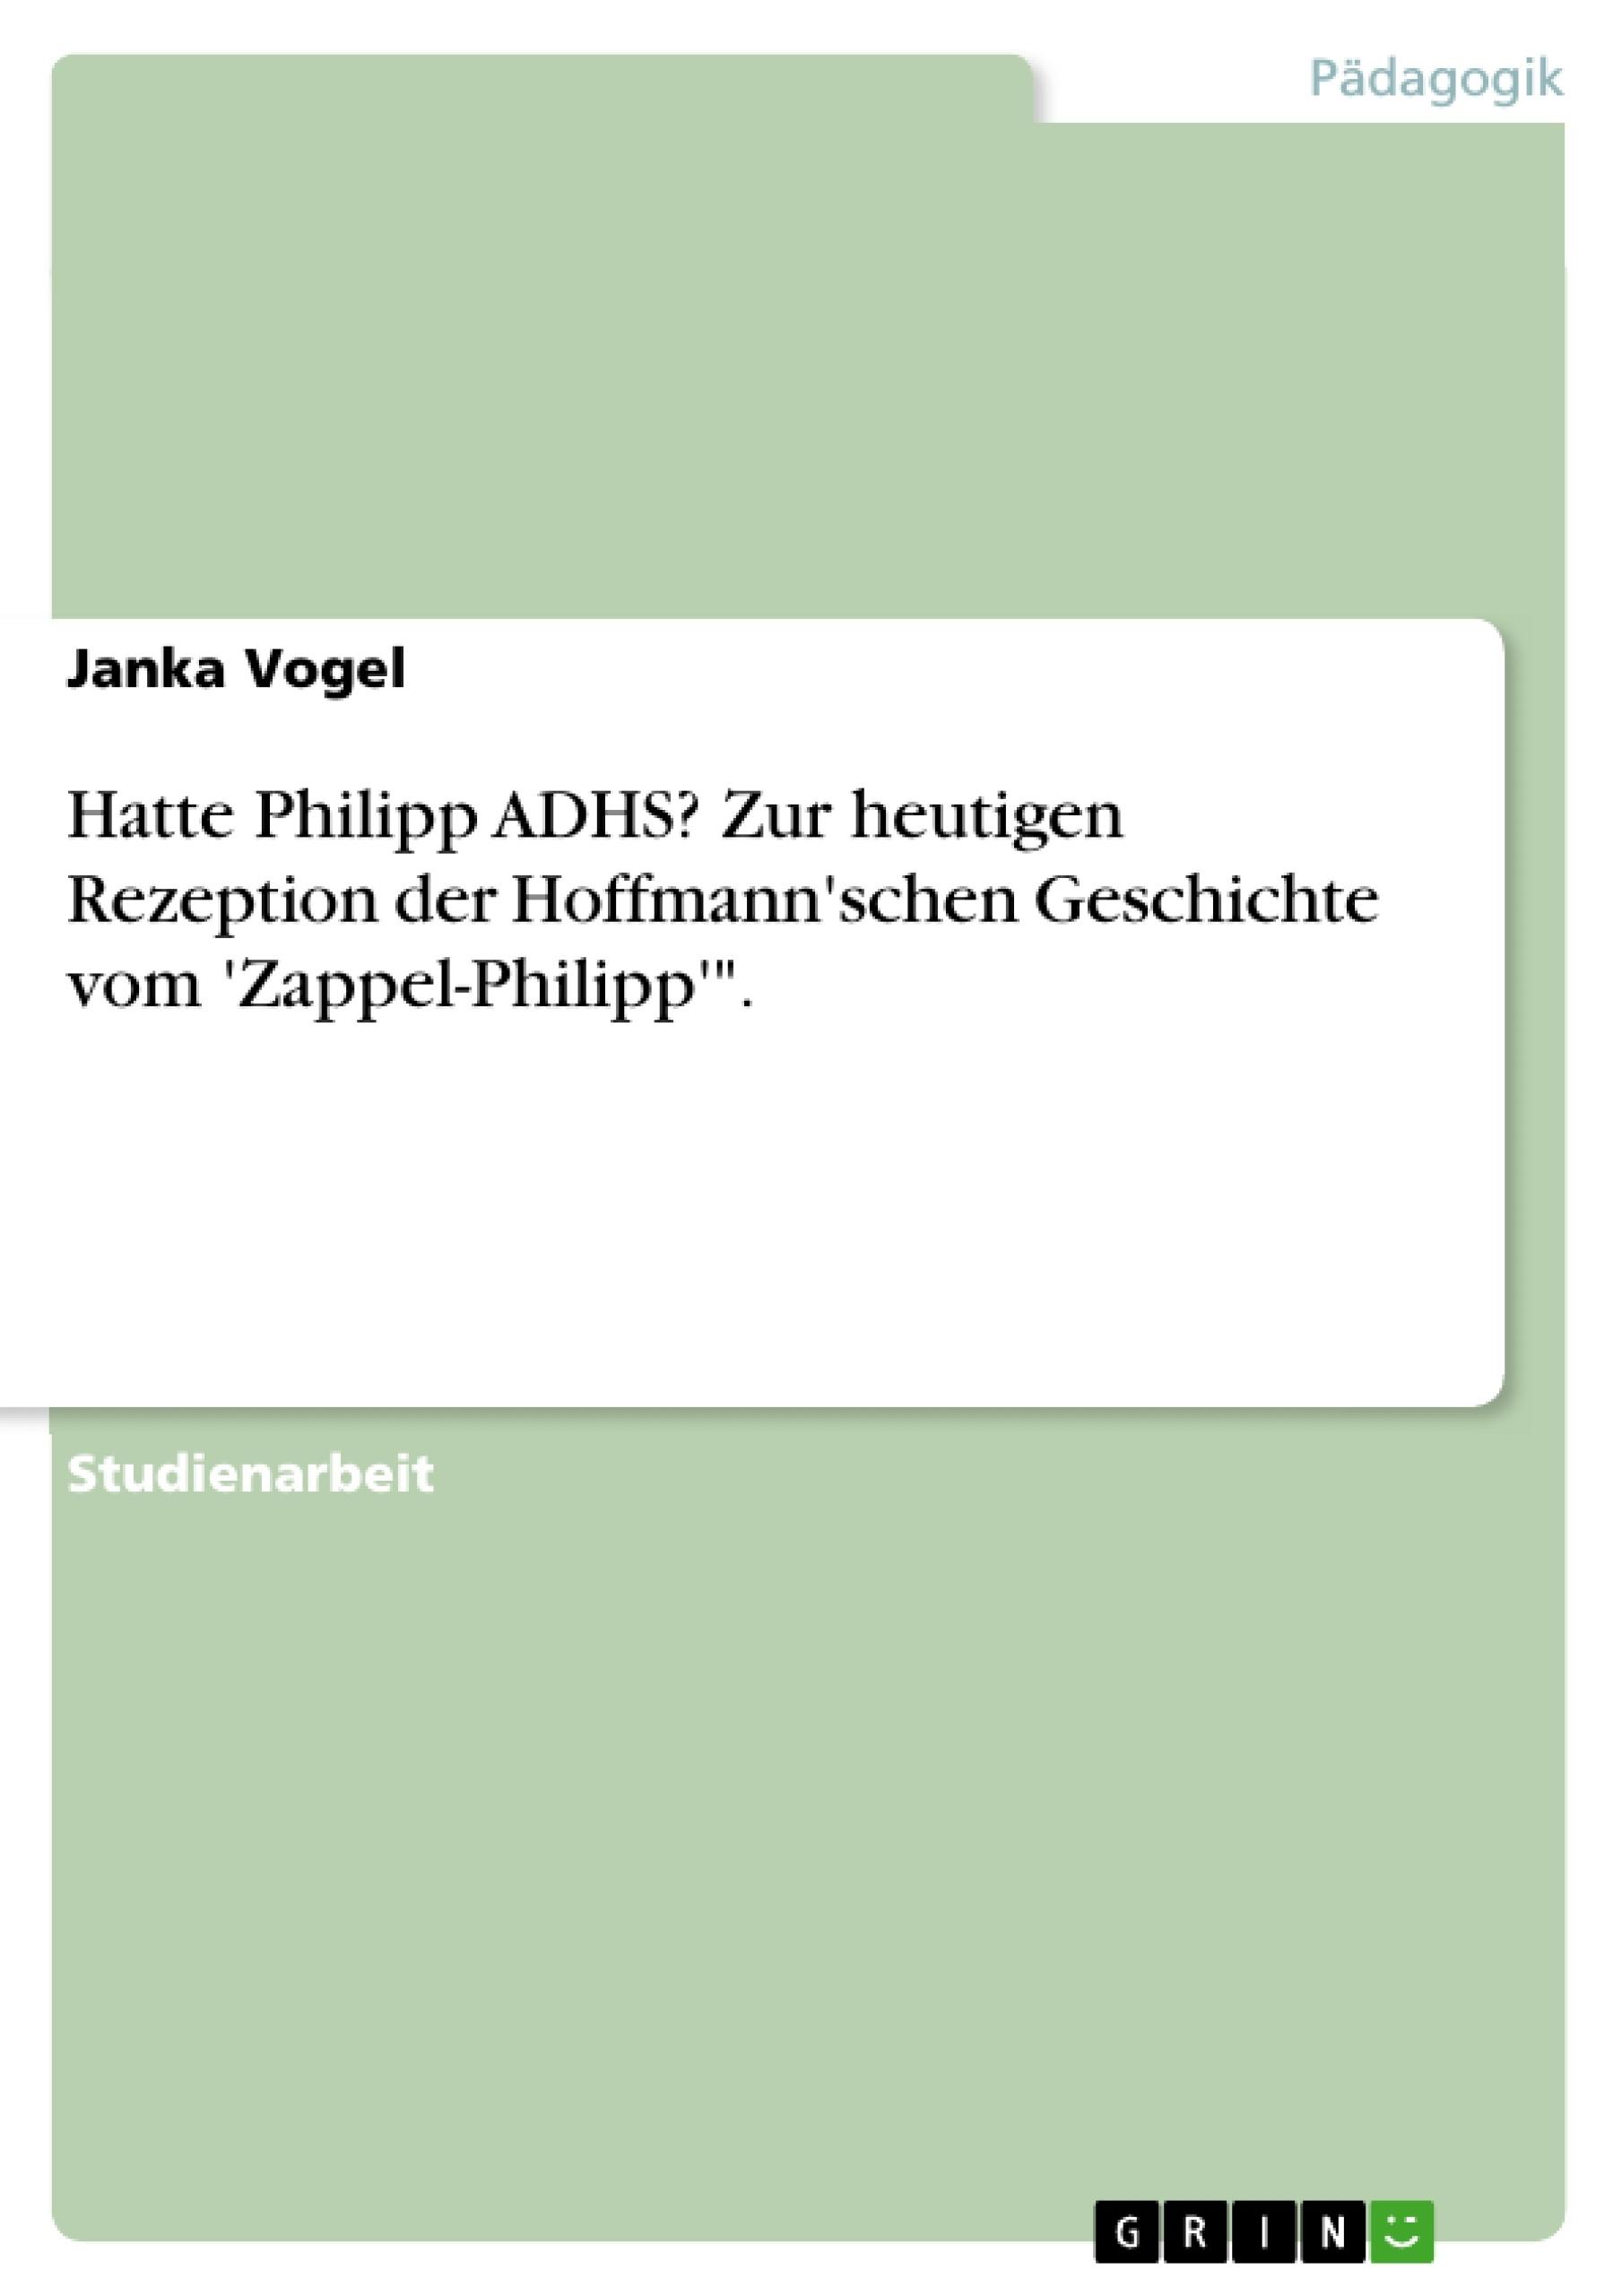 """Titel: Hatte Philipp ADHS? Zur heutigen Rezeption der Hoffmann'schen Geschichte vom 'Zappel-Philipp'""""."""